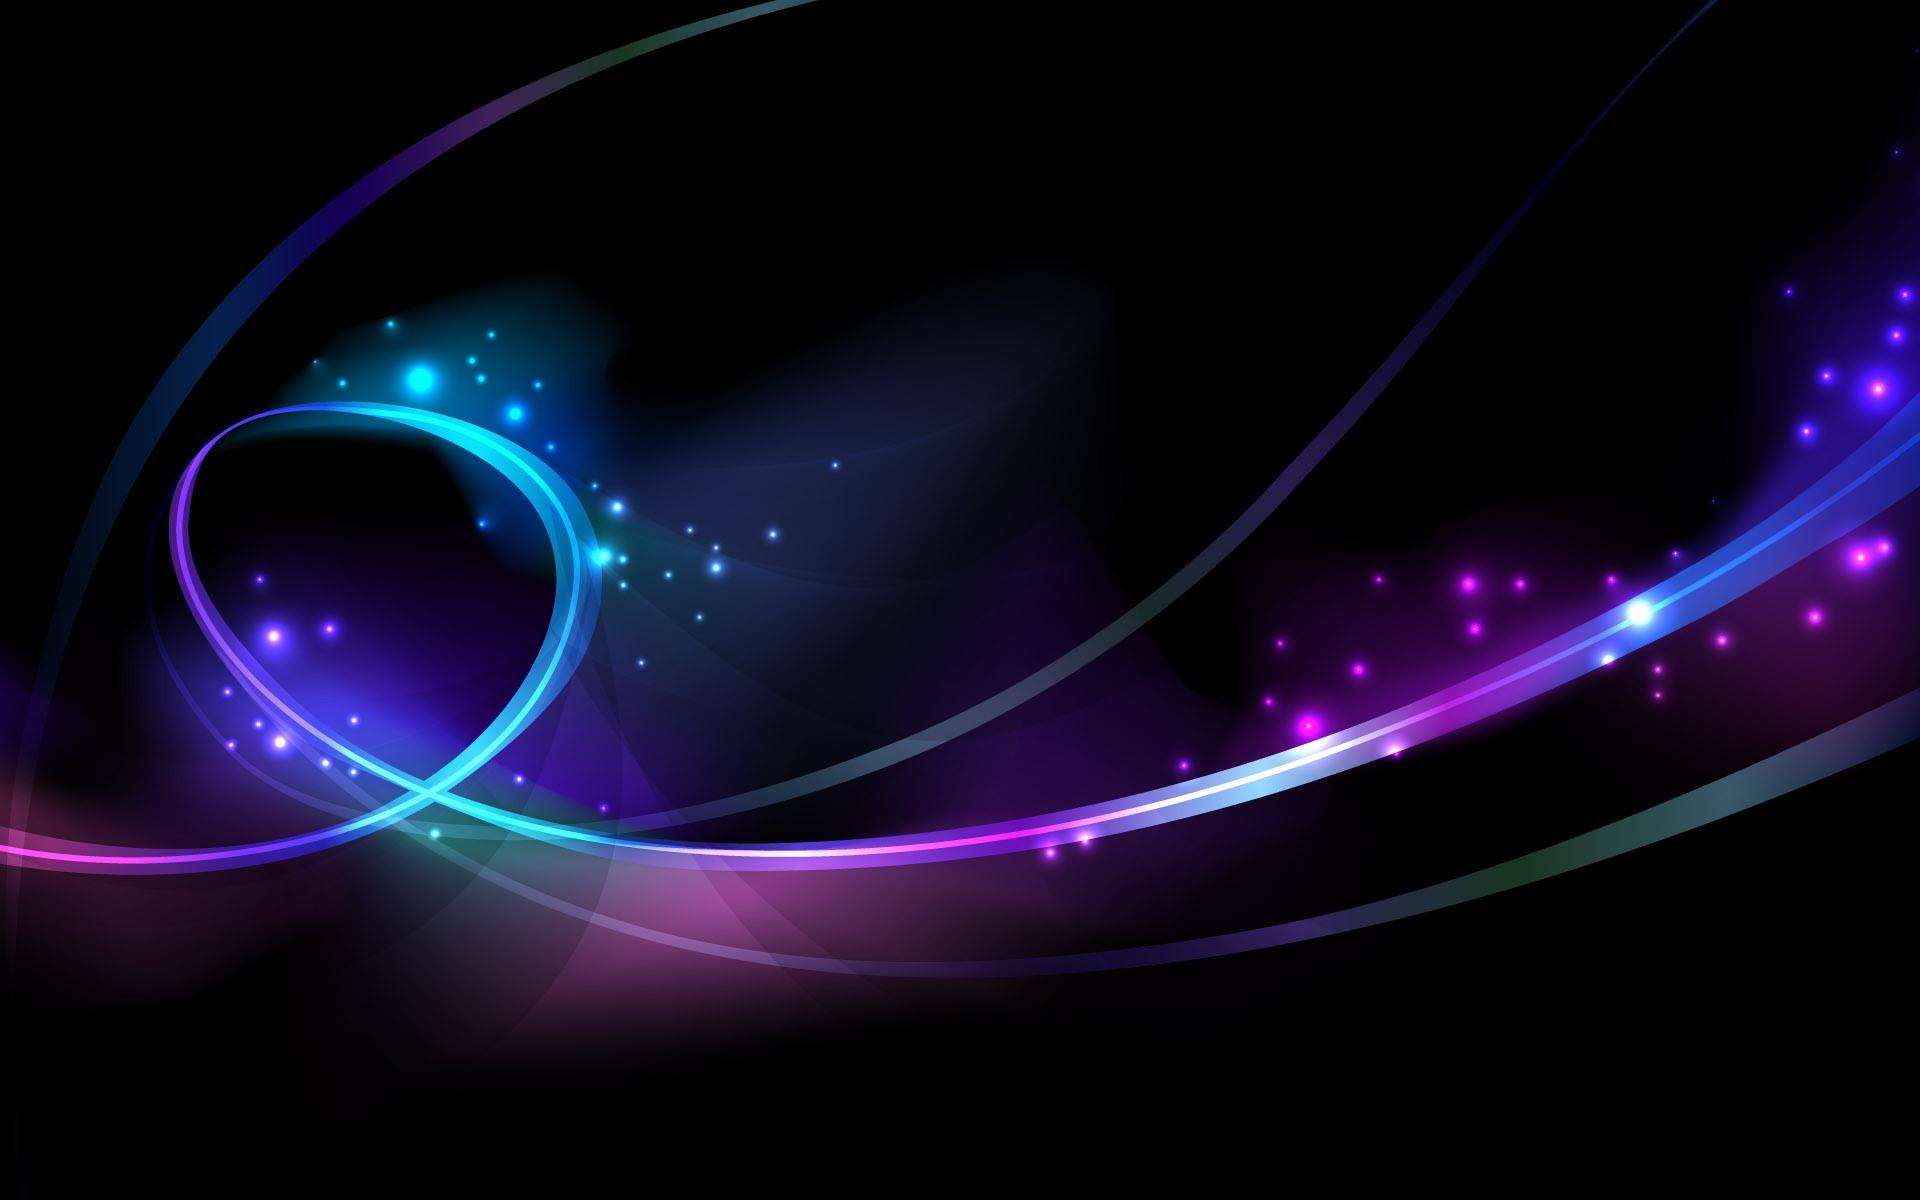 Purple and blue twirl desktop wallpaper 1920x1200